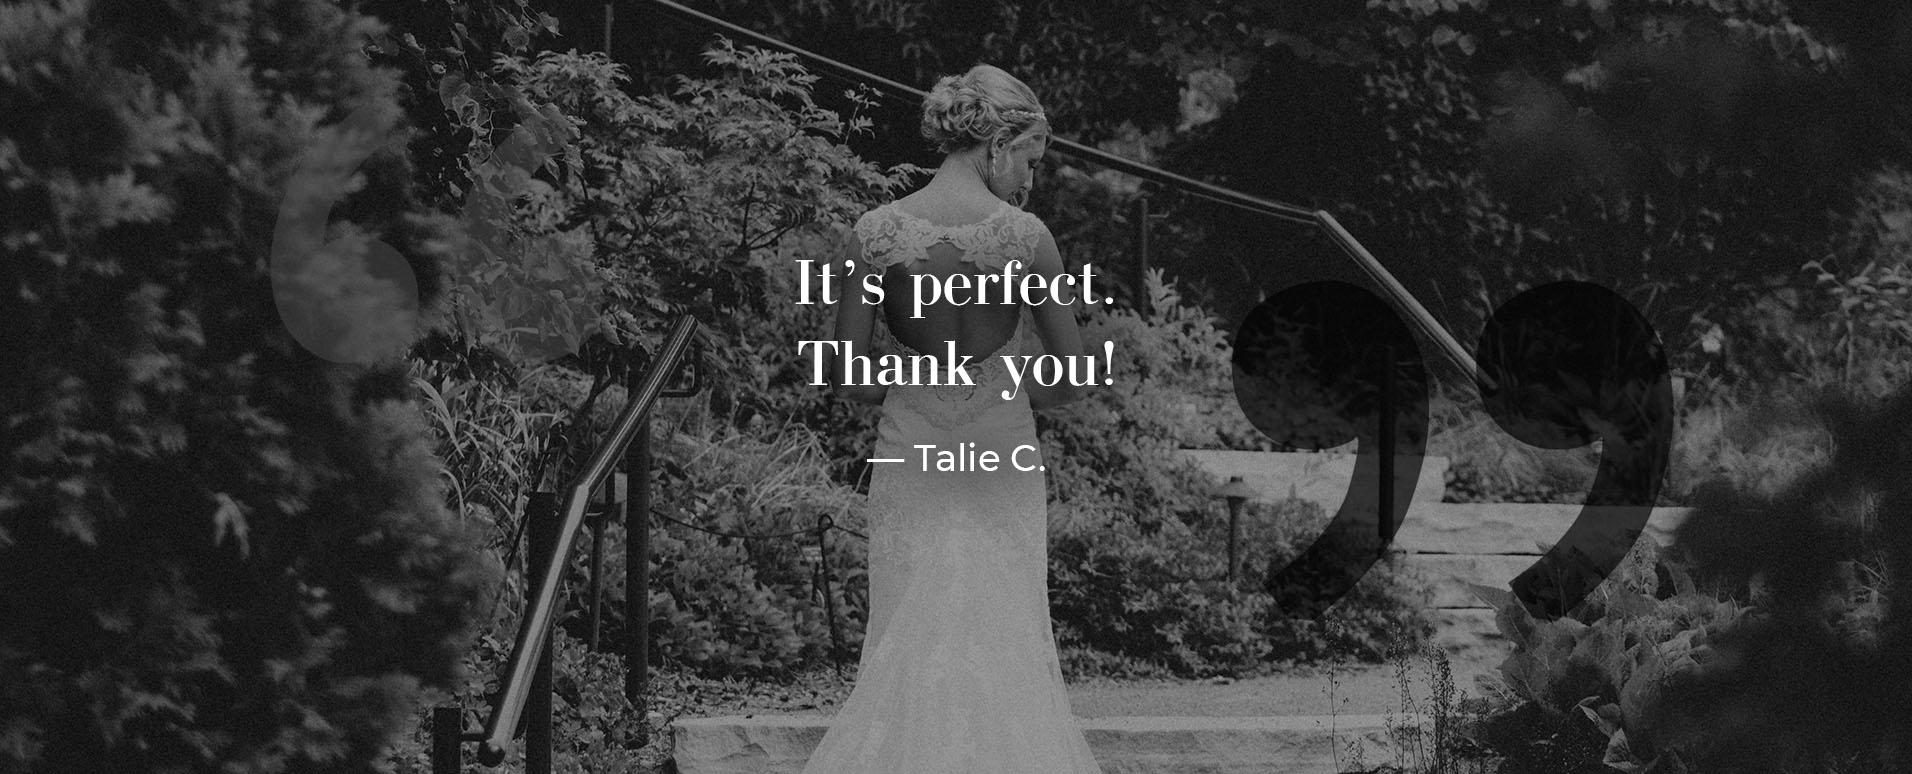 Talie.jpg